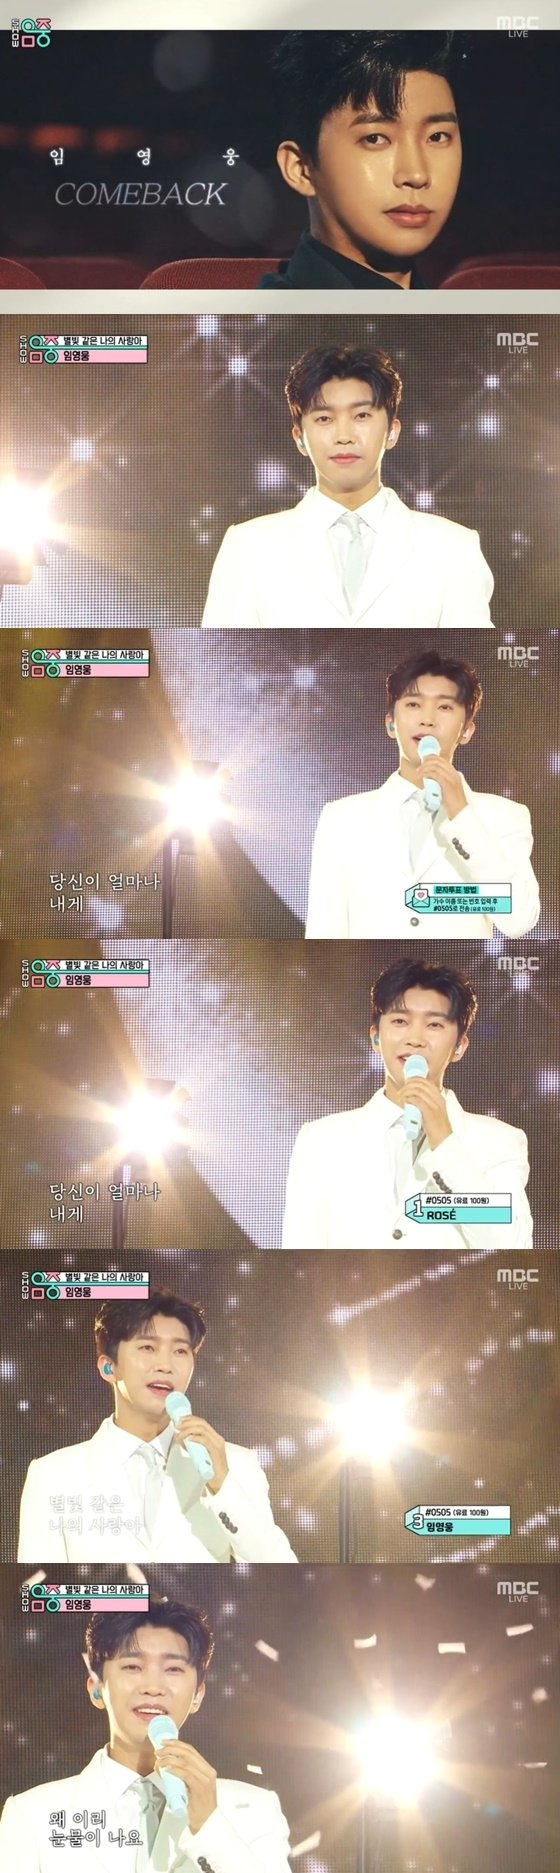 임영웅이 지난 20일 MBC '쇼! 음악중심'에서 '별빛 같은 나의 사랑아' 무대를 선보이고 있다.